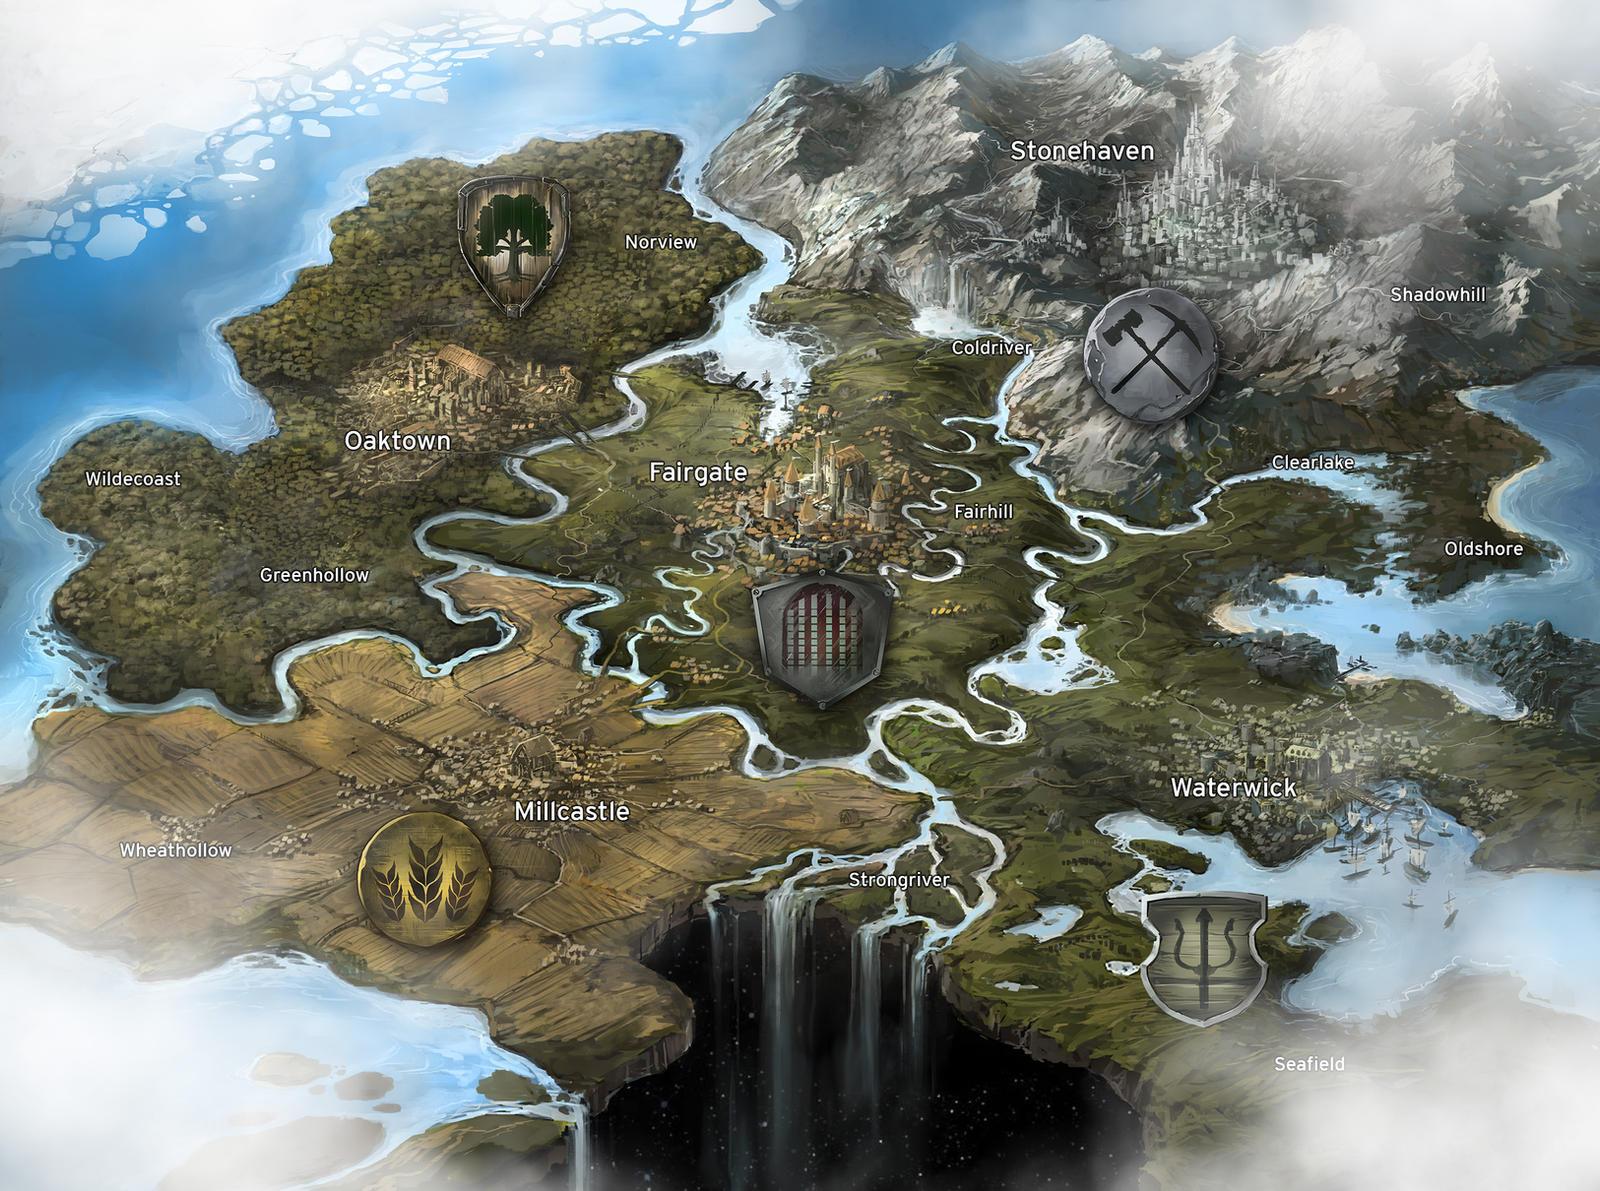 Fantasy Game Map